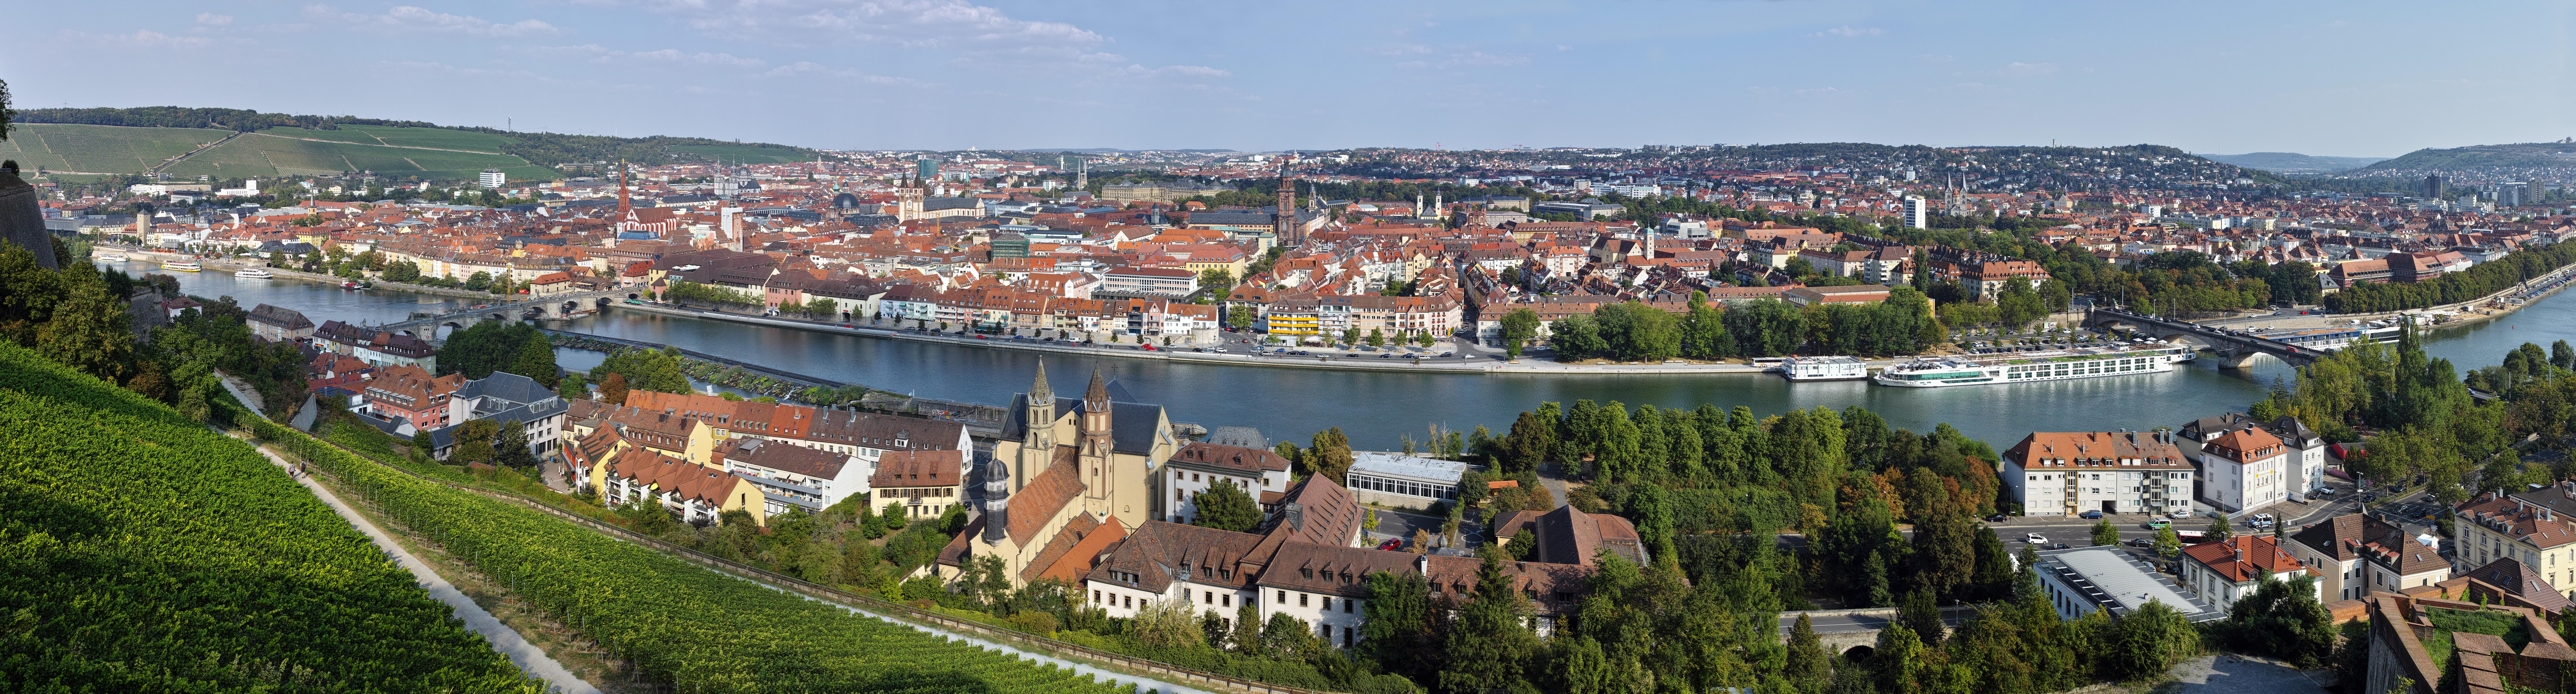 Würzburg – Wikipedia